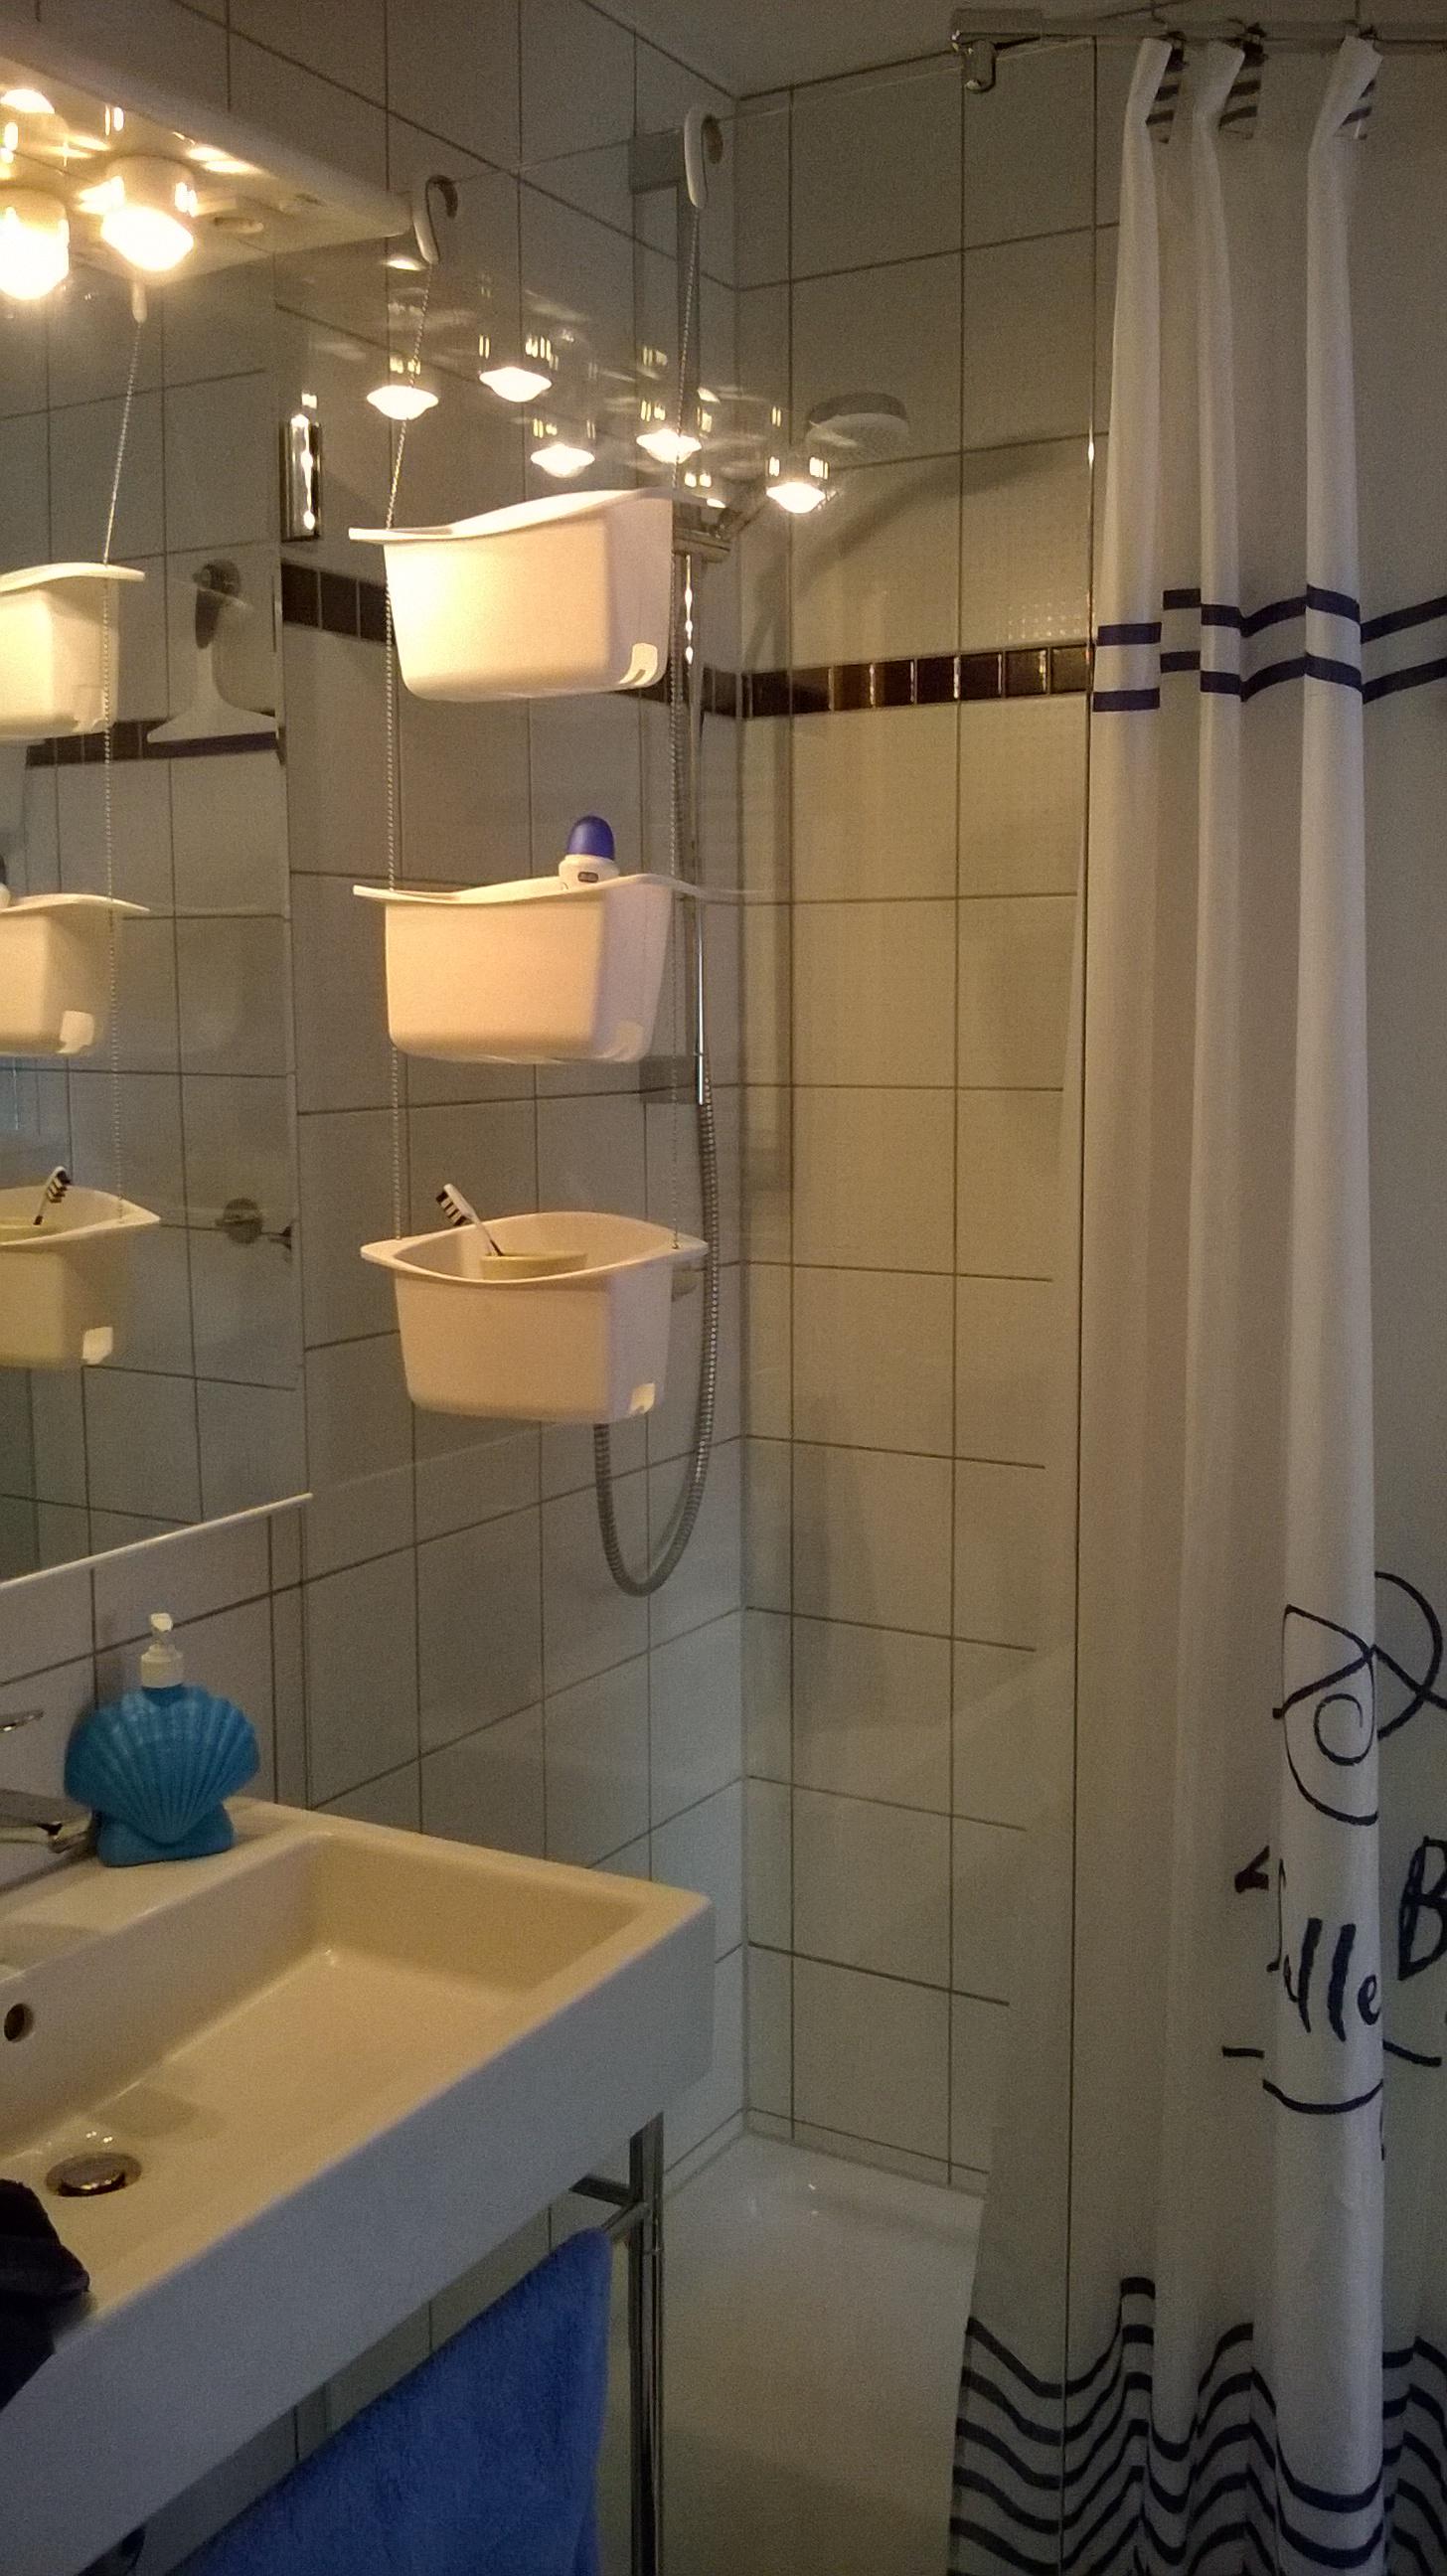 Ablagekörbe in der Dusche